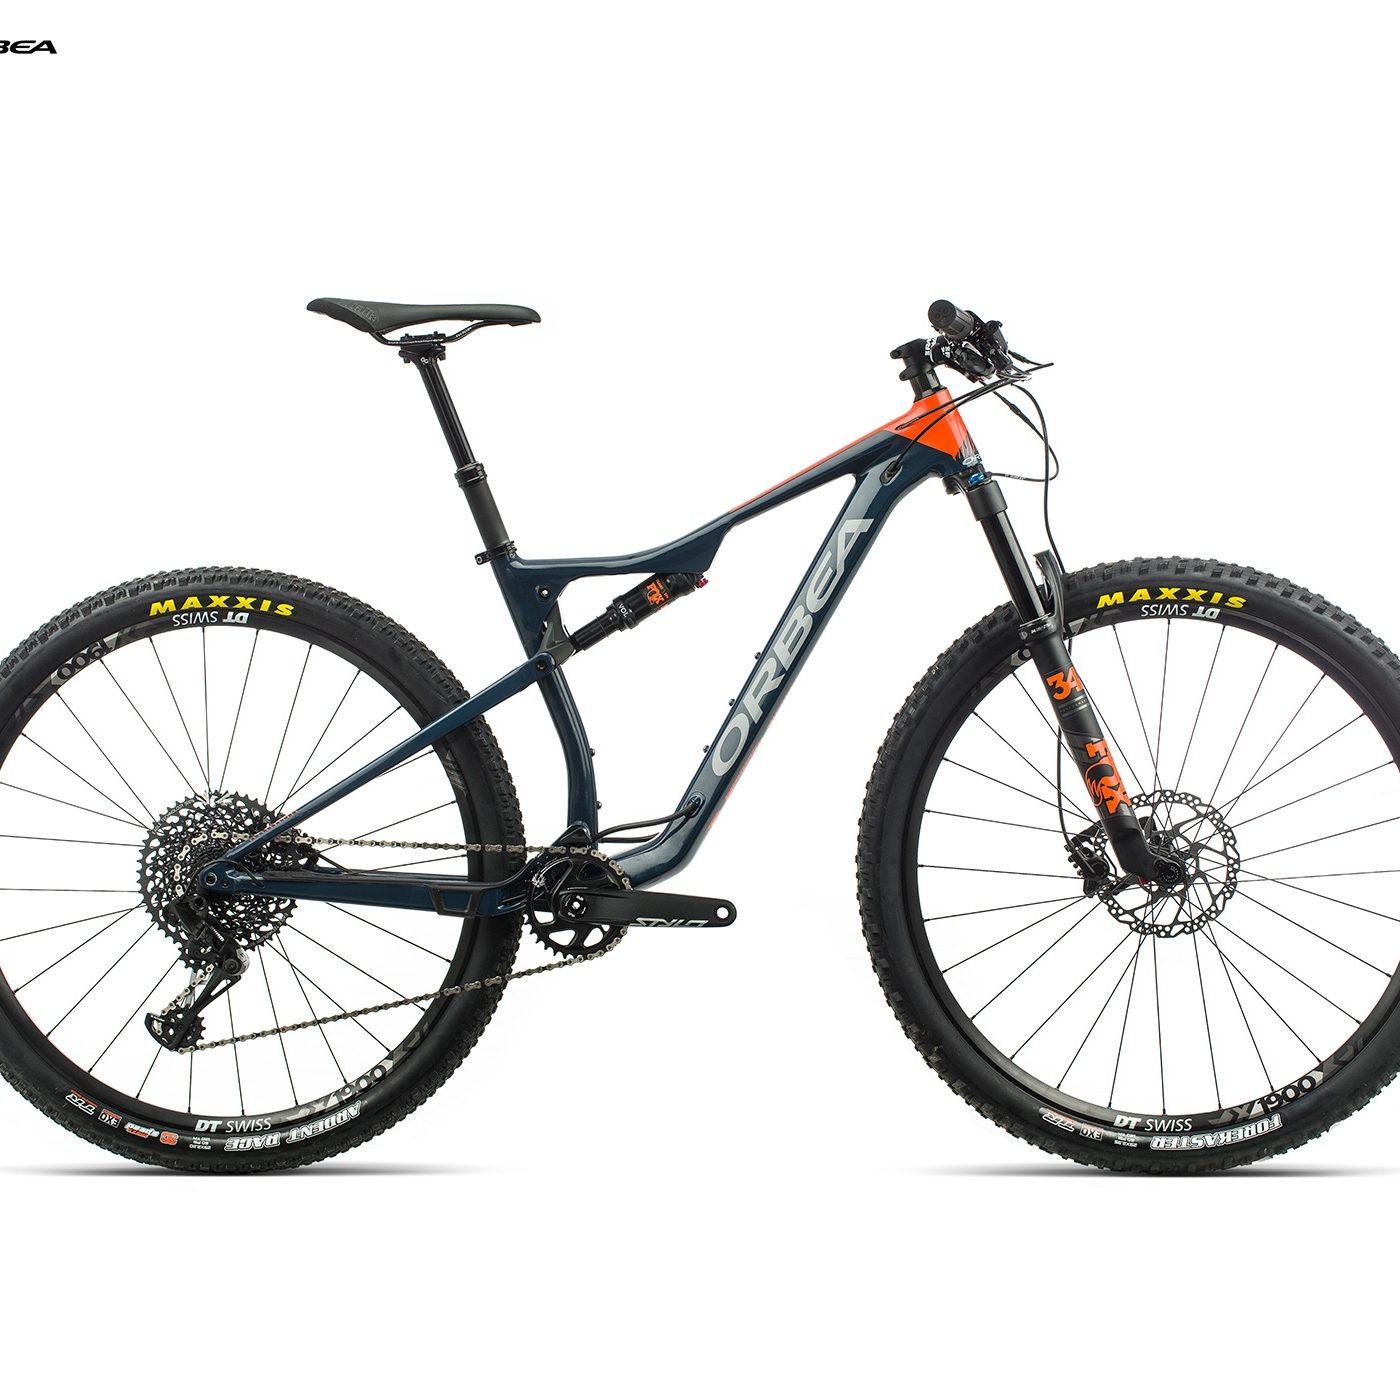 ORBEA OIZ 29 H10 - BLAUW INDIGO / ORANJE (GLOSS) @G-Bikes